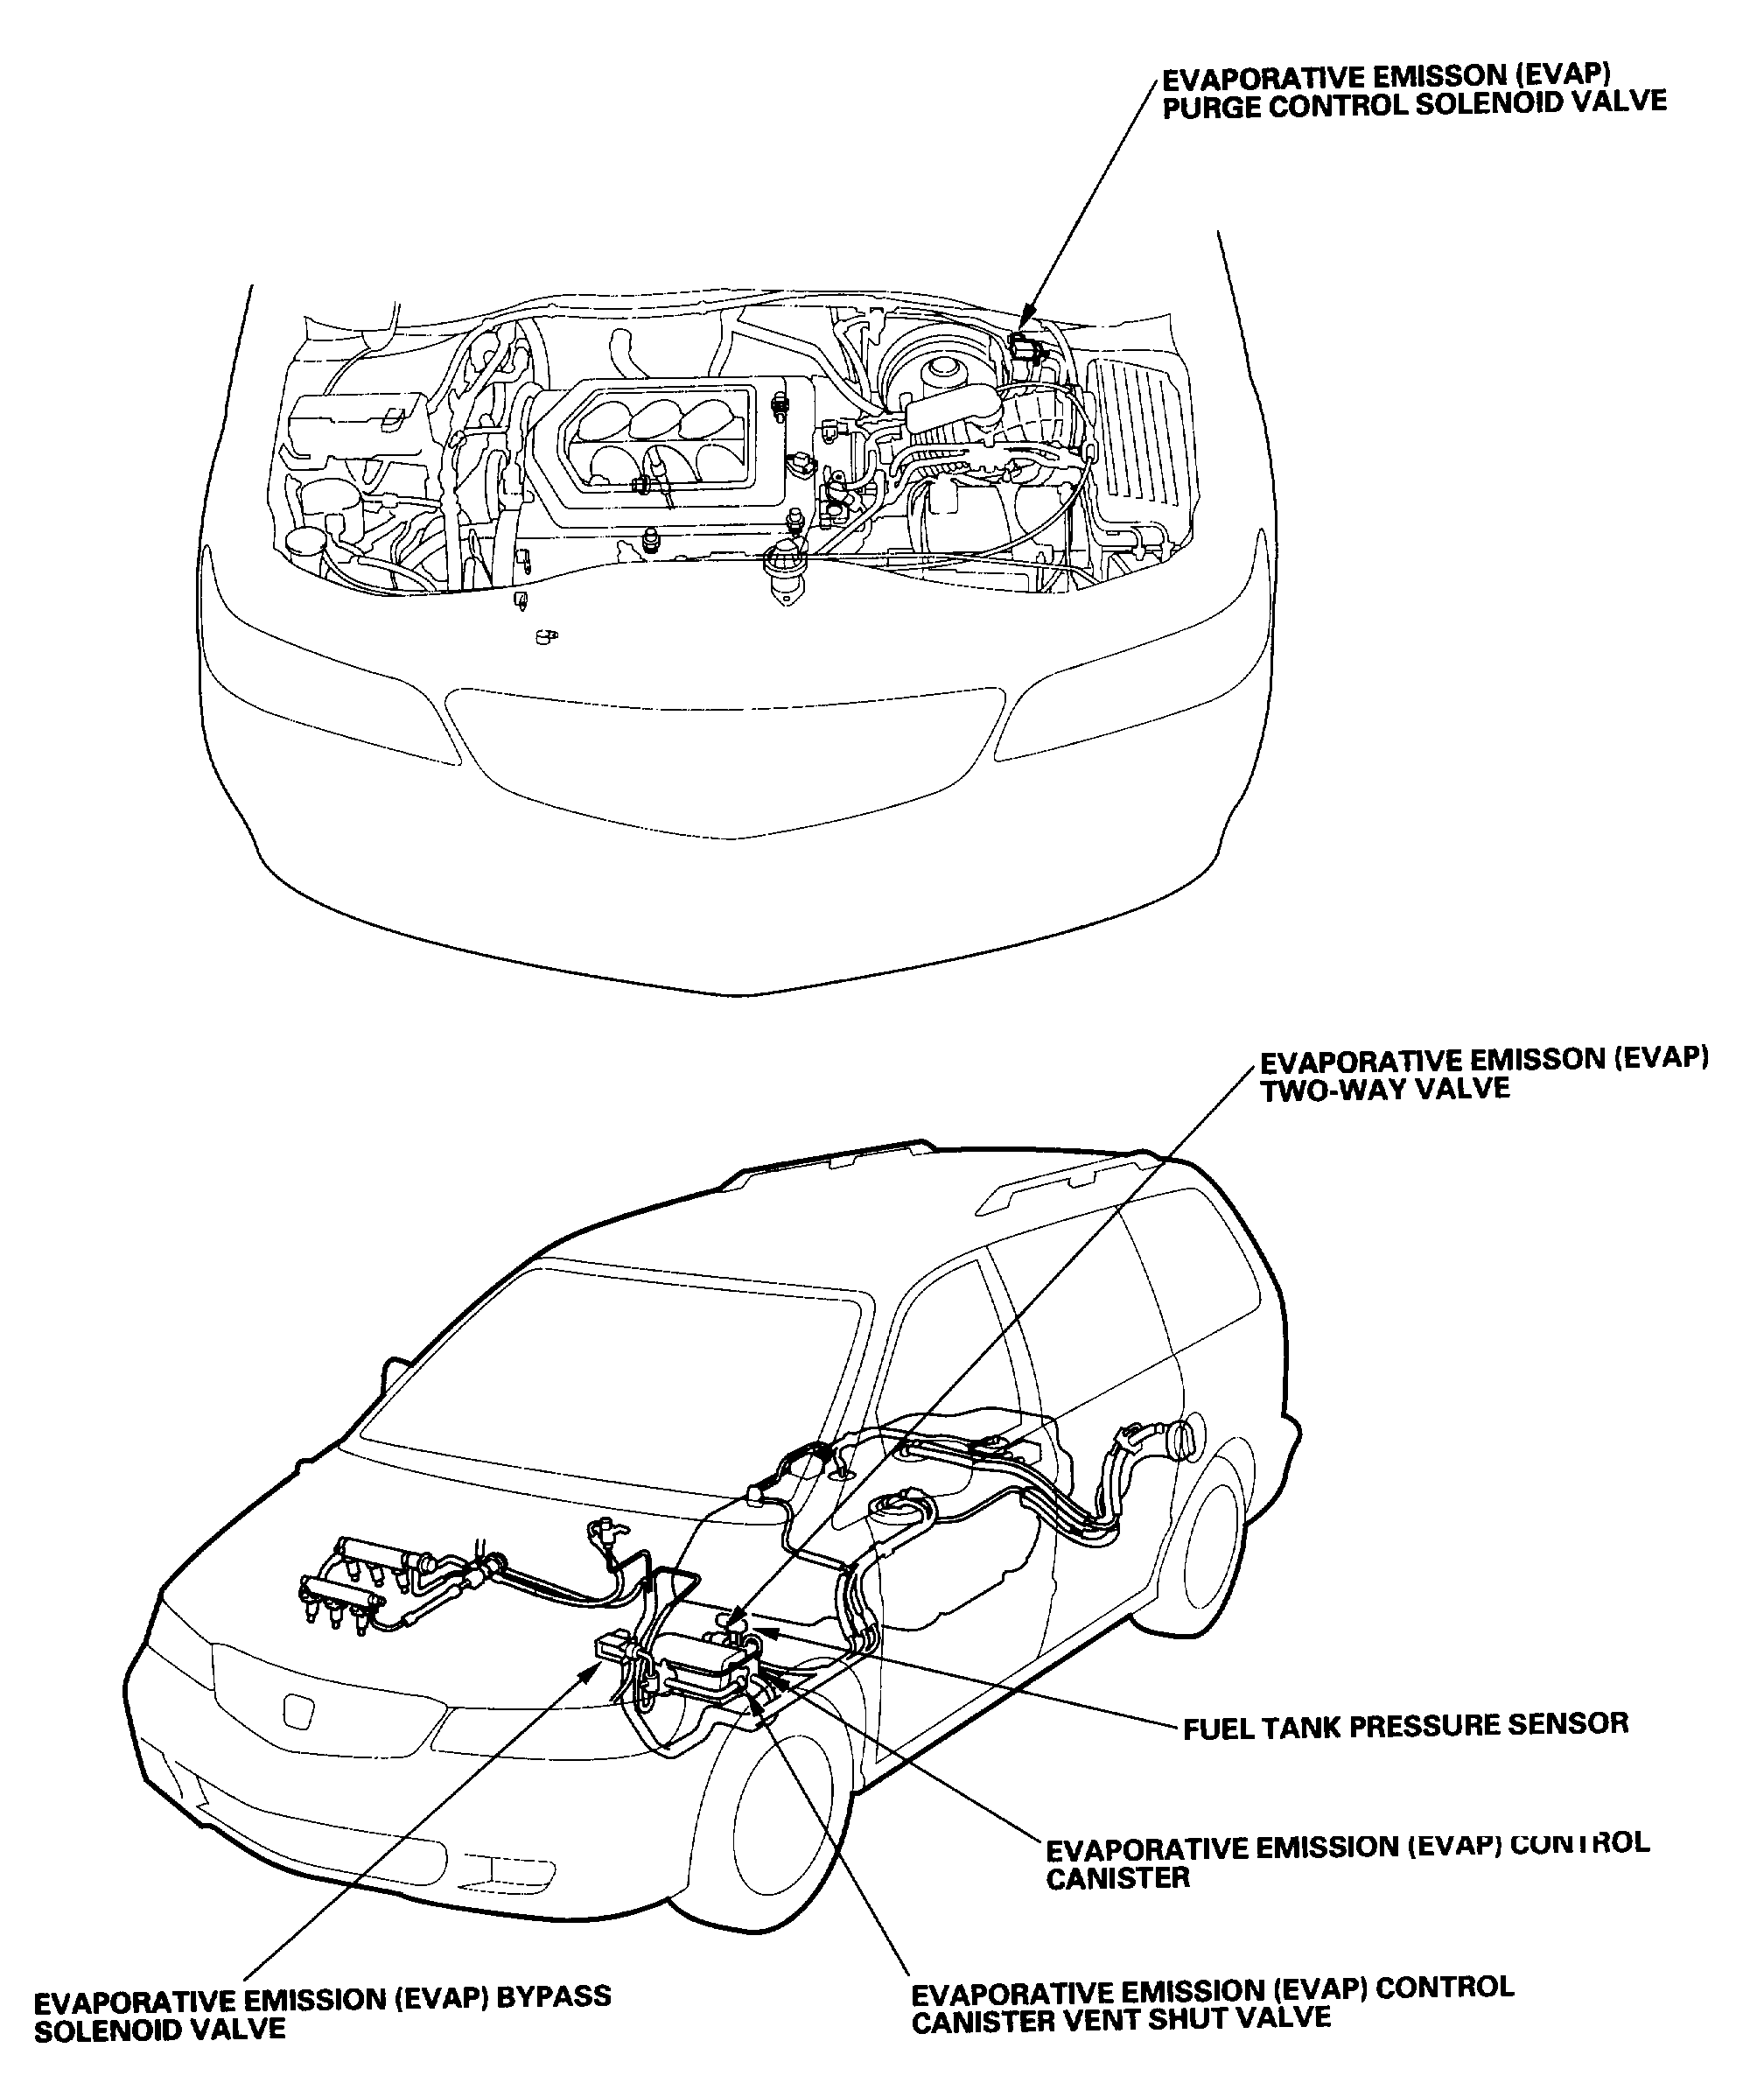 Honda Civic P1457 Error Code 1999 On P0700 2000 Accord